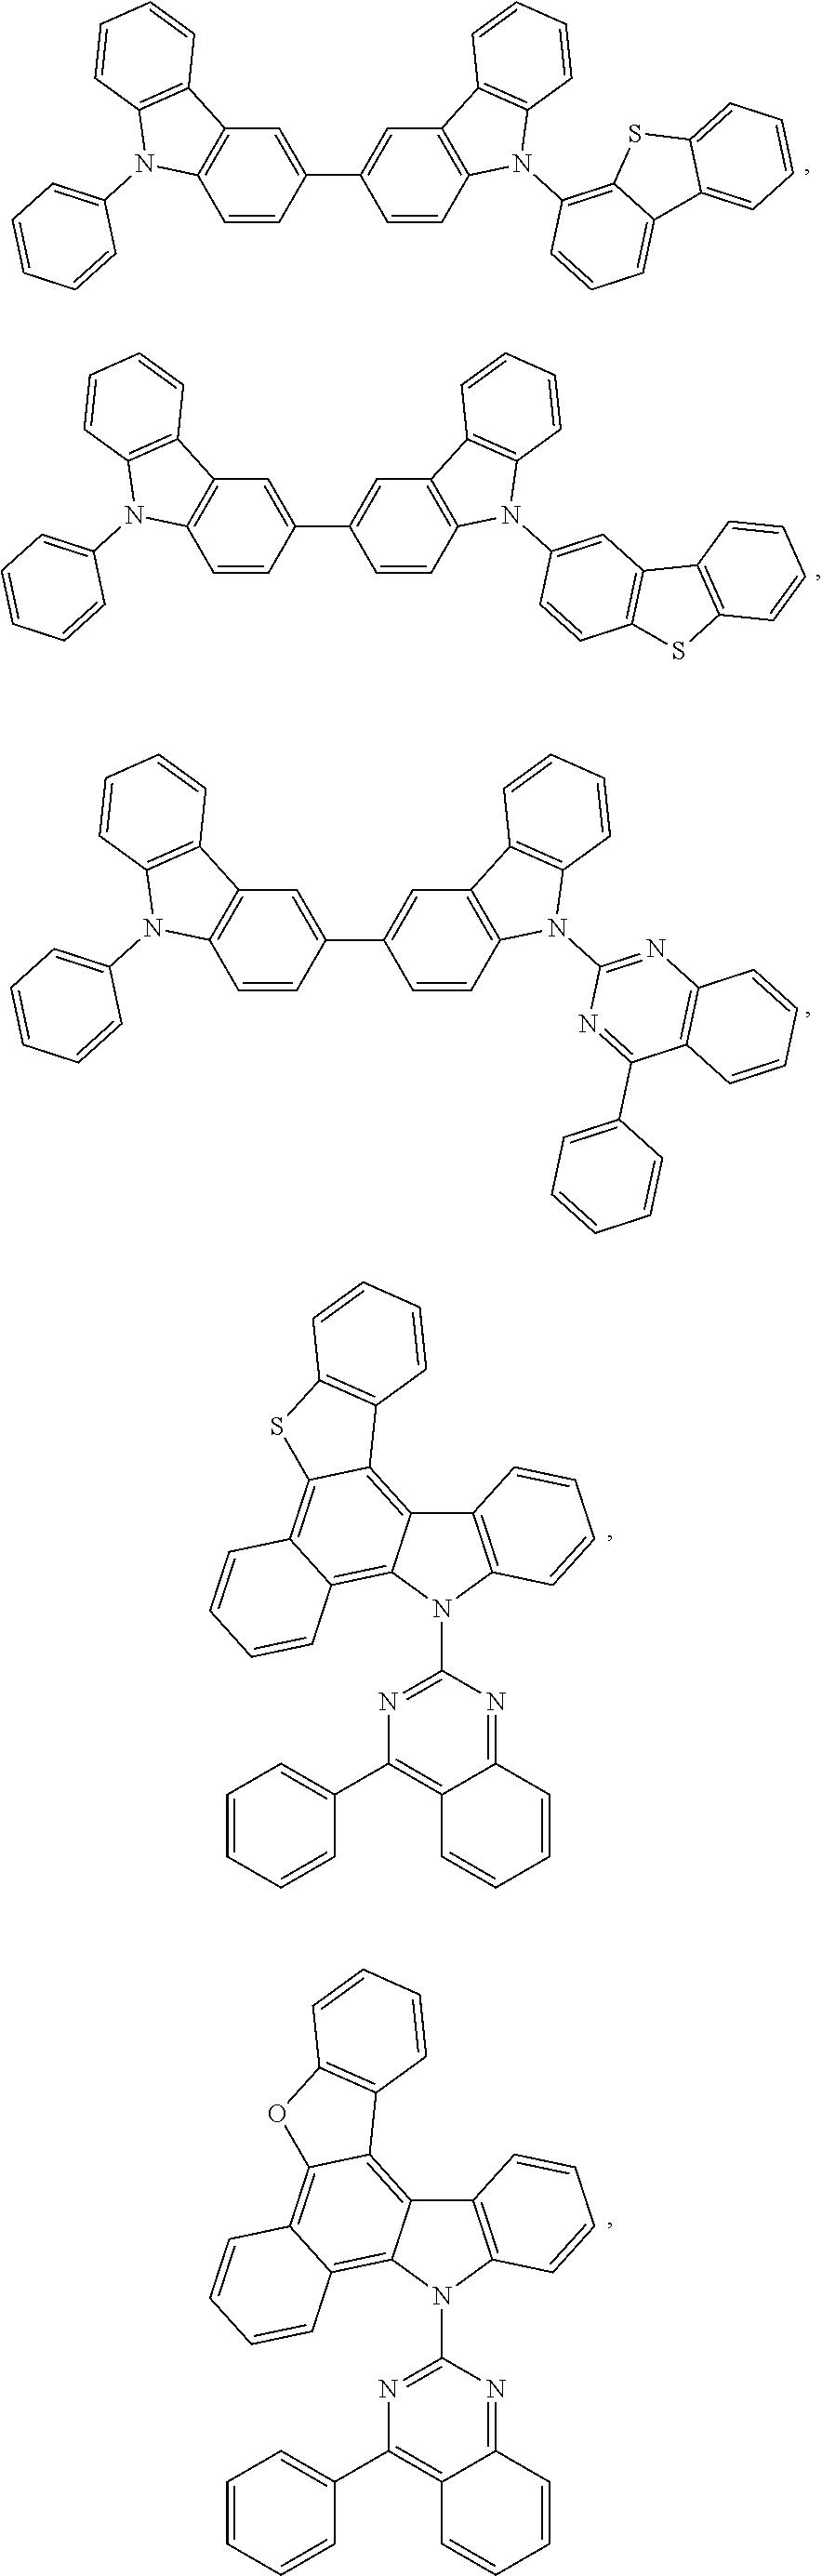 Figure US20190161504A1-20190530-C00122